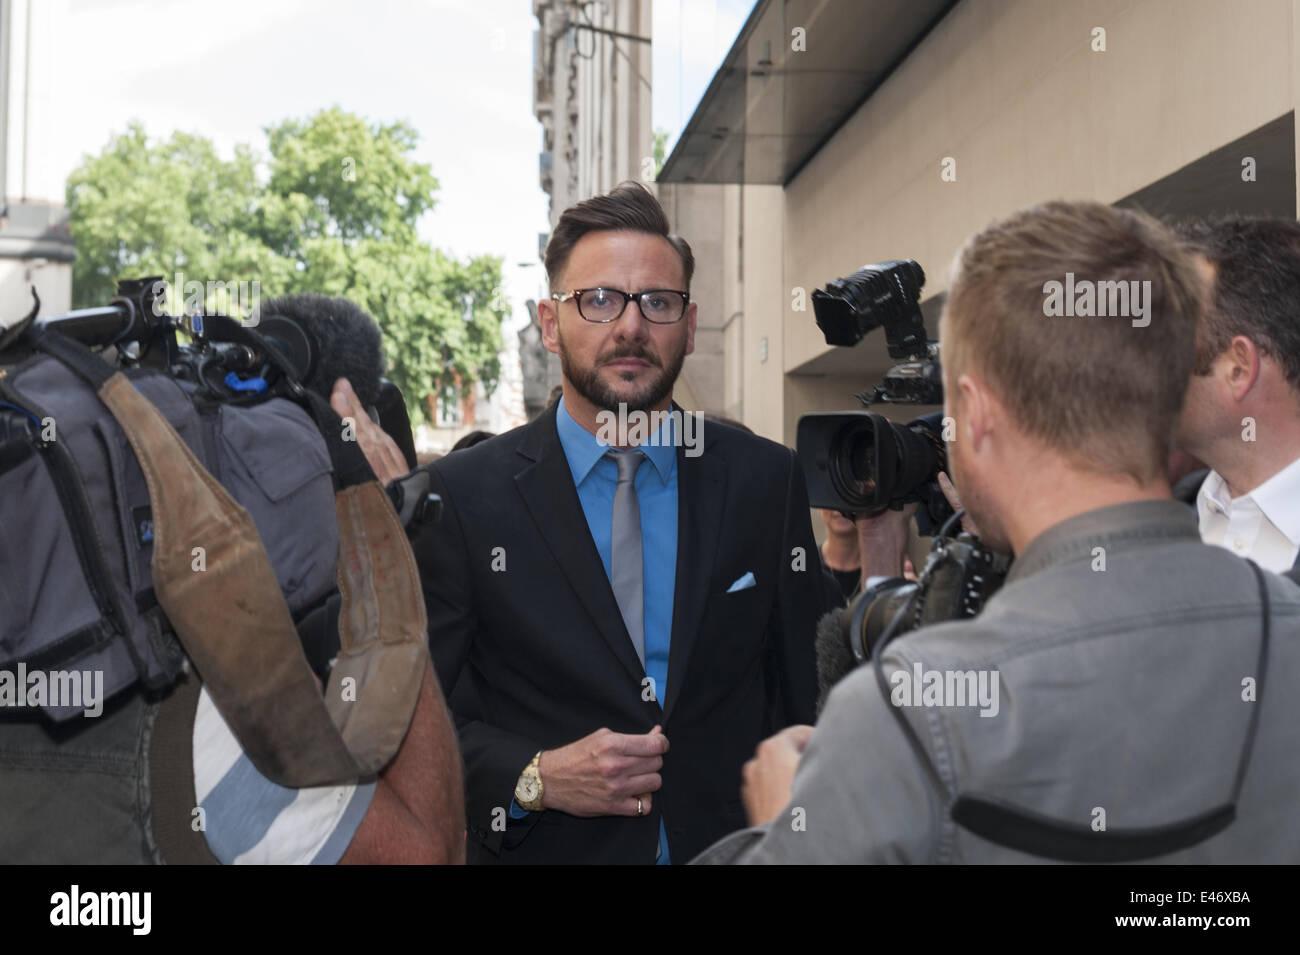 4. Juli 2014 - London, UK - Glenn Mulcaire, der ehemalige Privatdetektiv beauftragt mit hacking, erhielt eine Bewährungsstrafe Stockbild